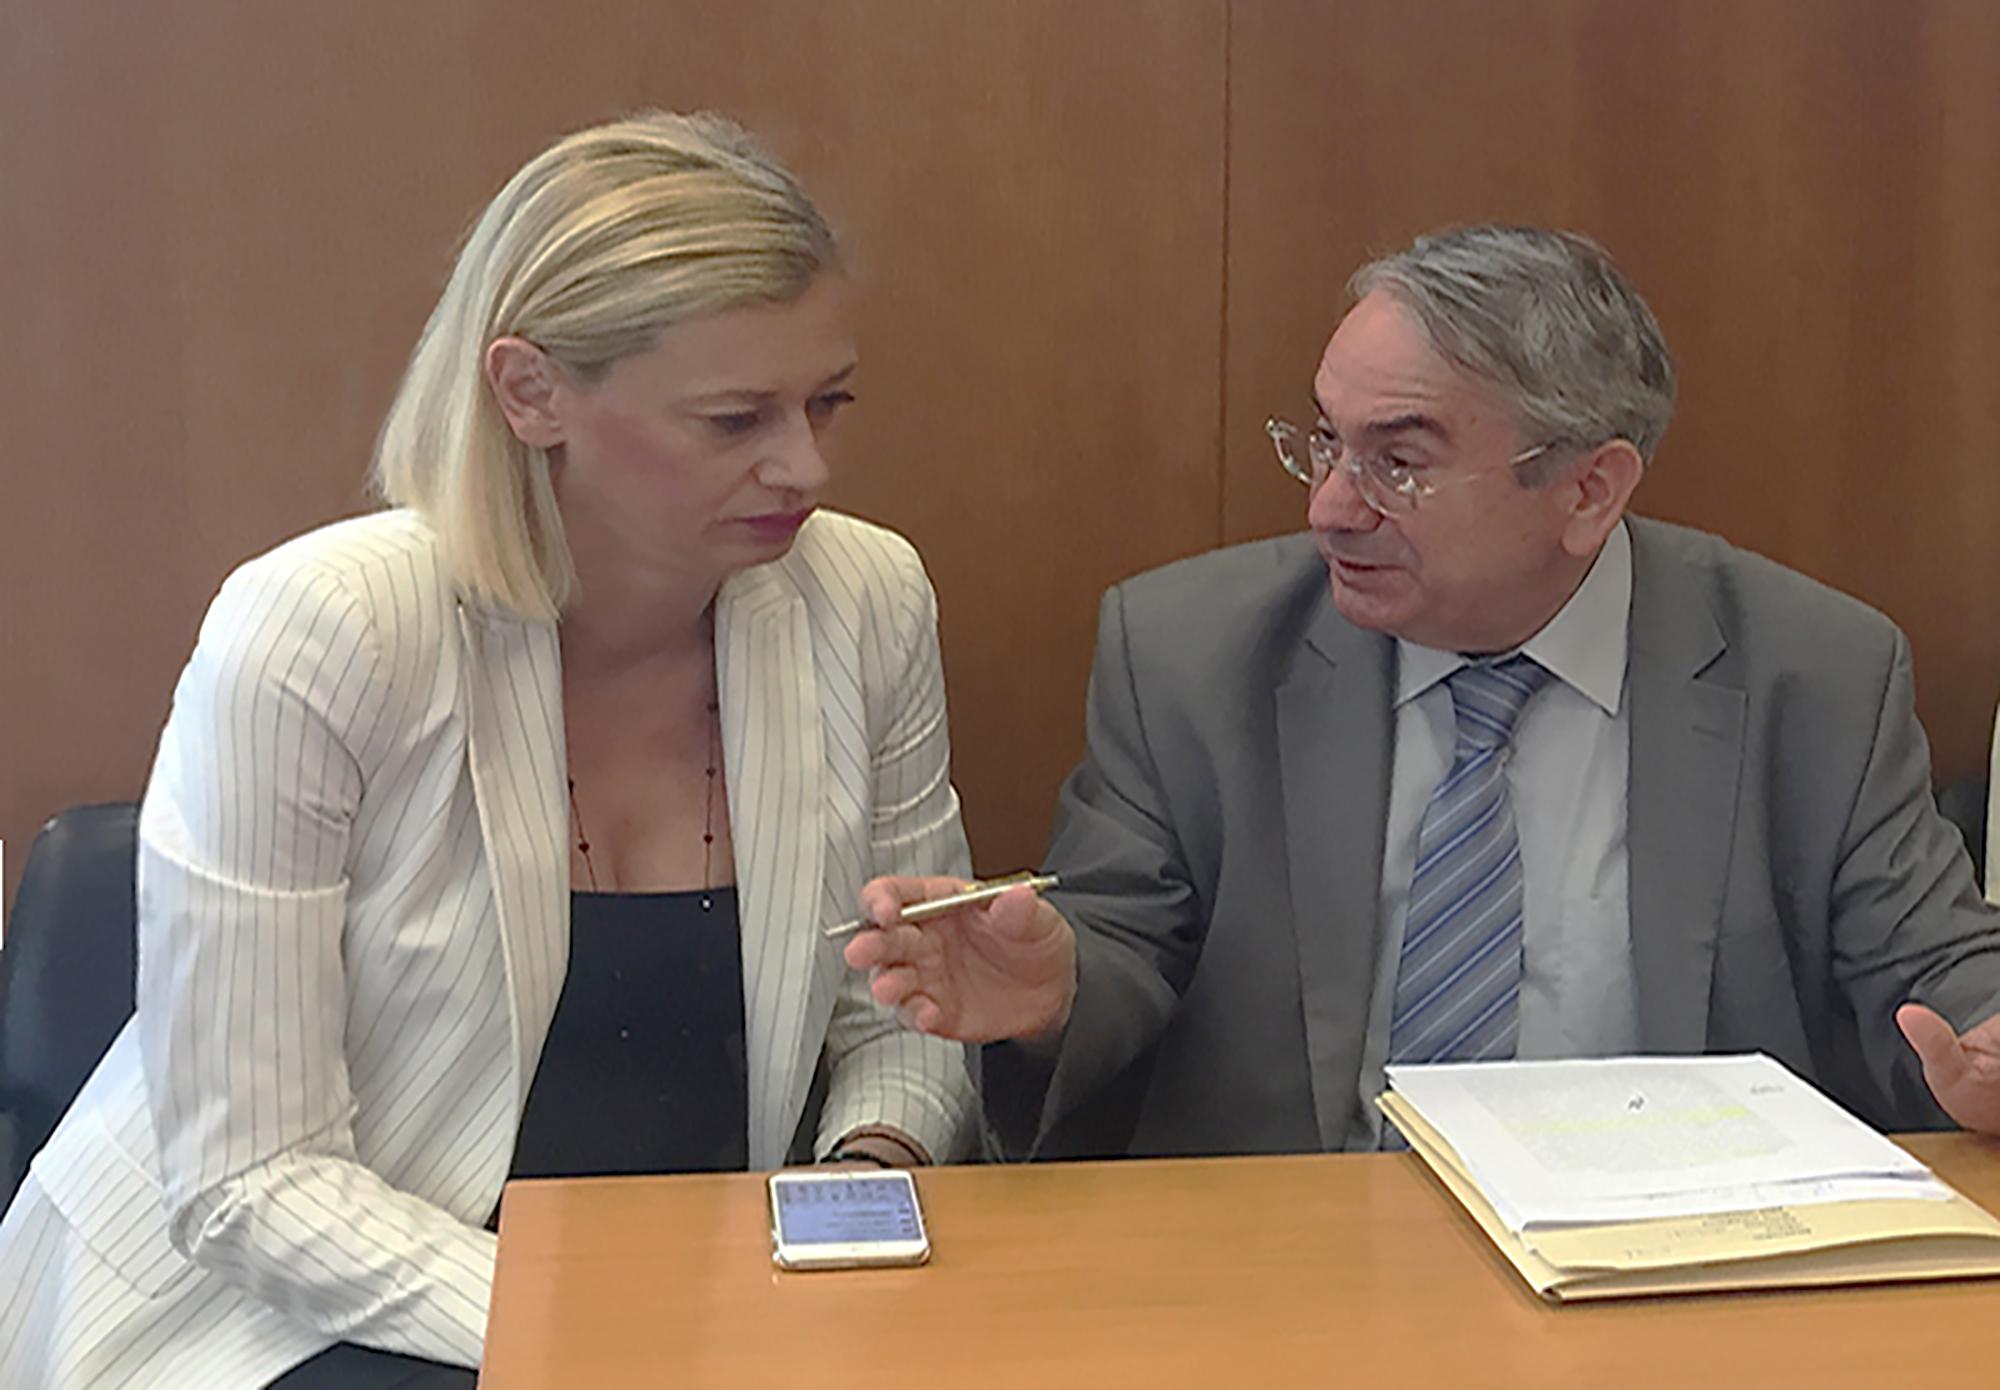 Ι. Σακκάς και Ρ. Μακρή, συμπορεύονται για την ανάληψη πρωτοβουλιών για τις πλημμύρες στην Μάνδρα